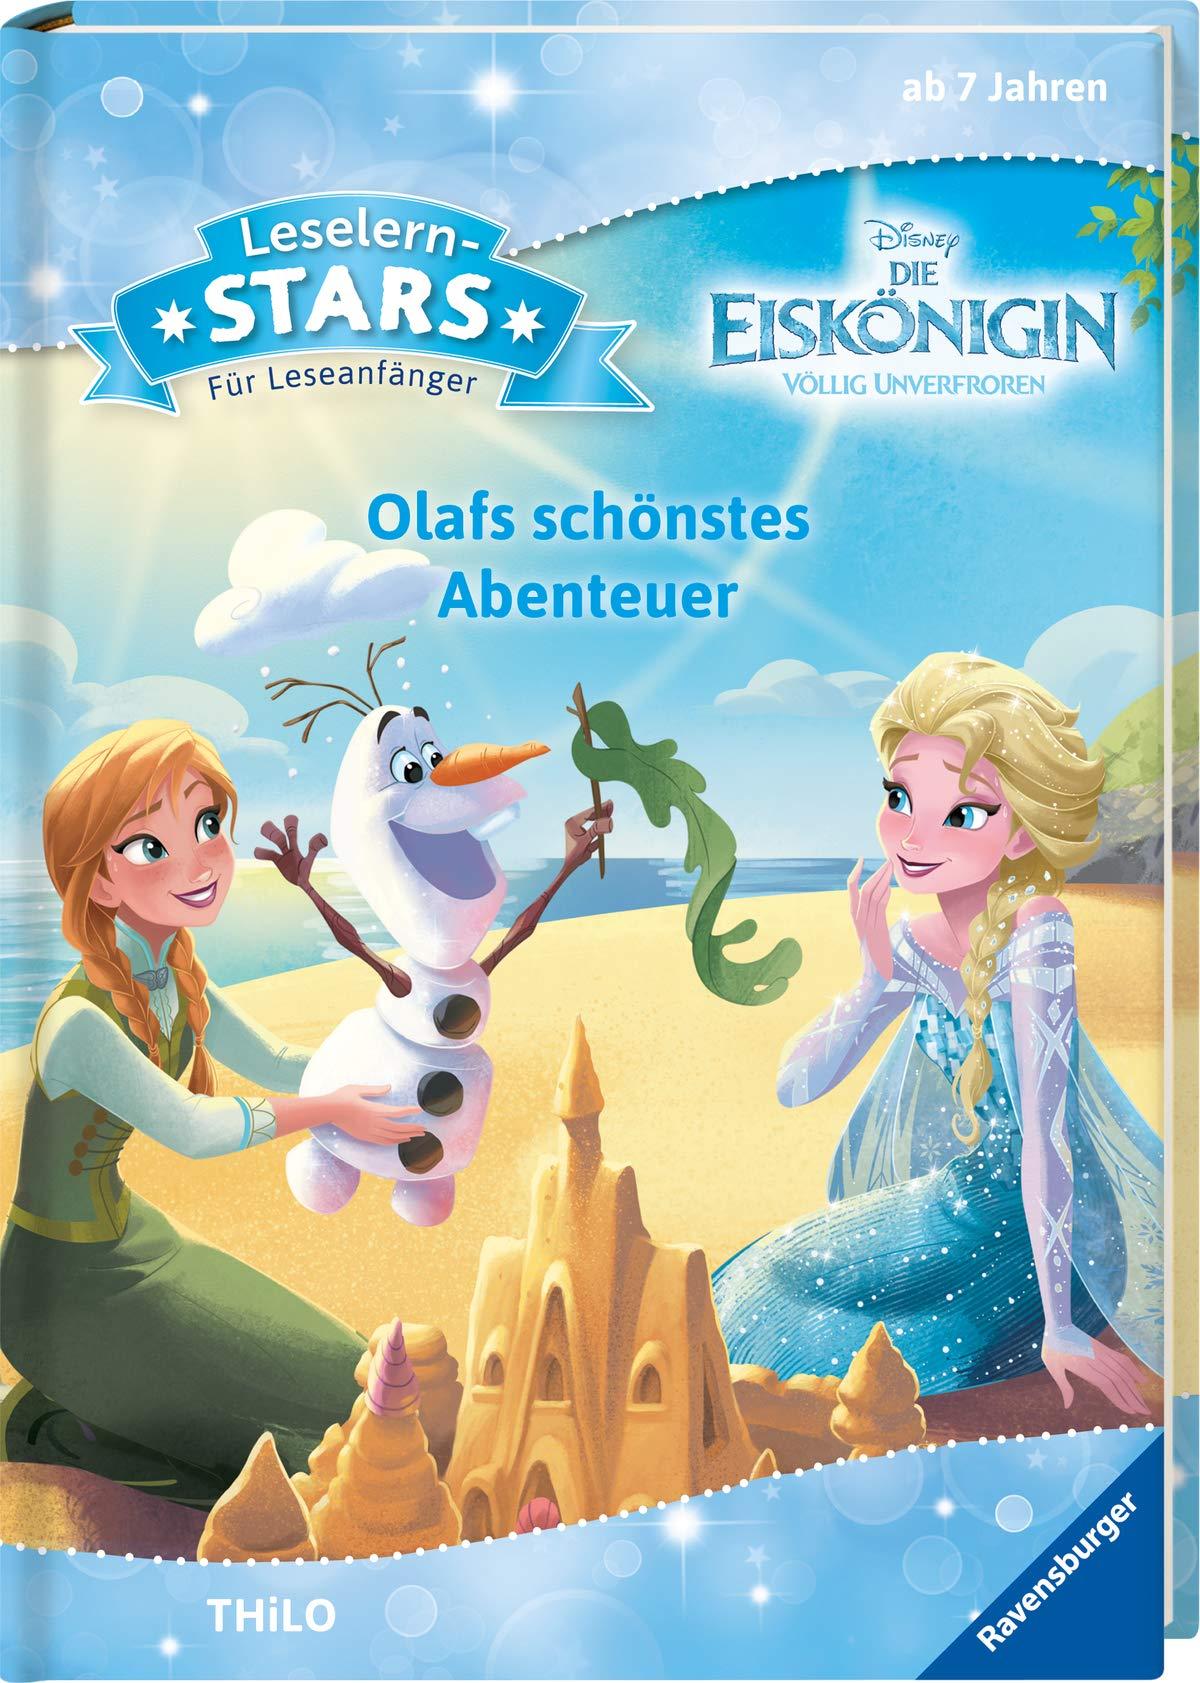 Leselernstars Disney Die Eiskönigin  Olafs Schönstes Abenteuer  Für Leseanfänger